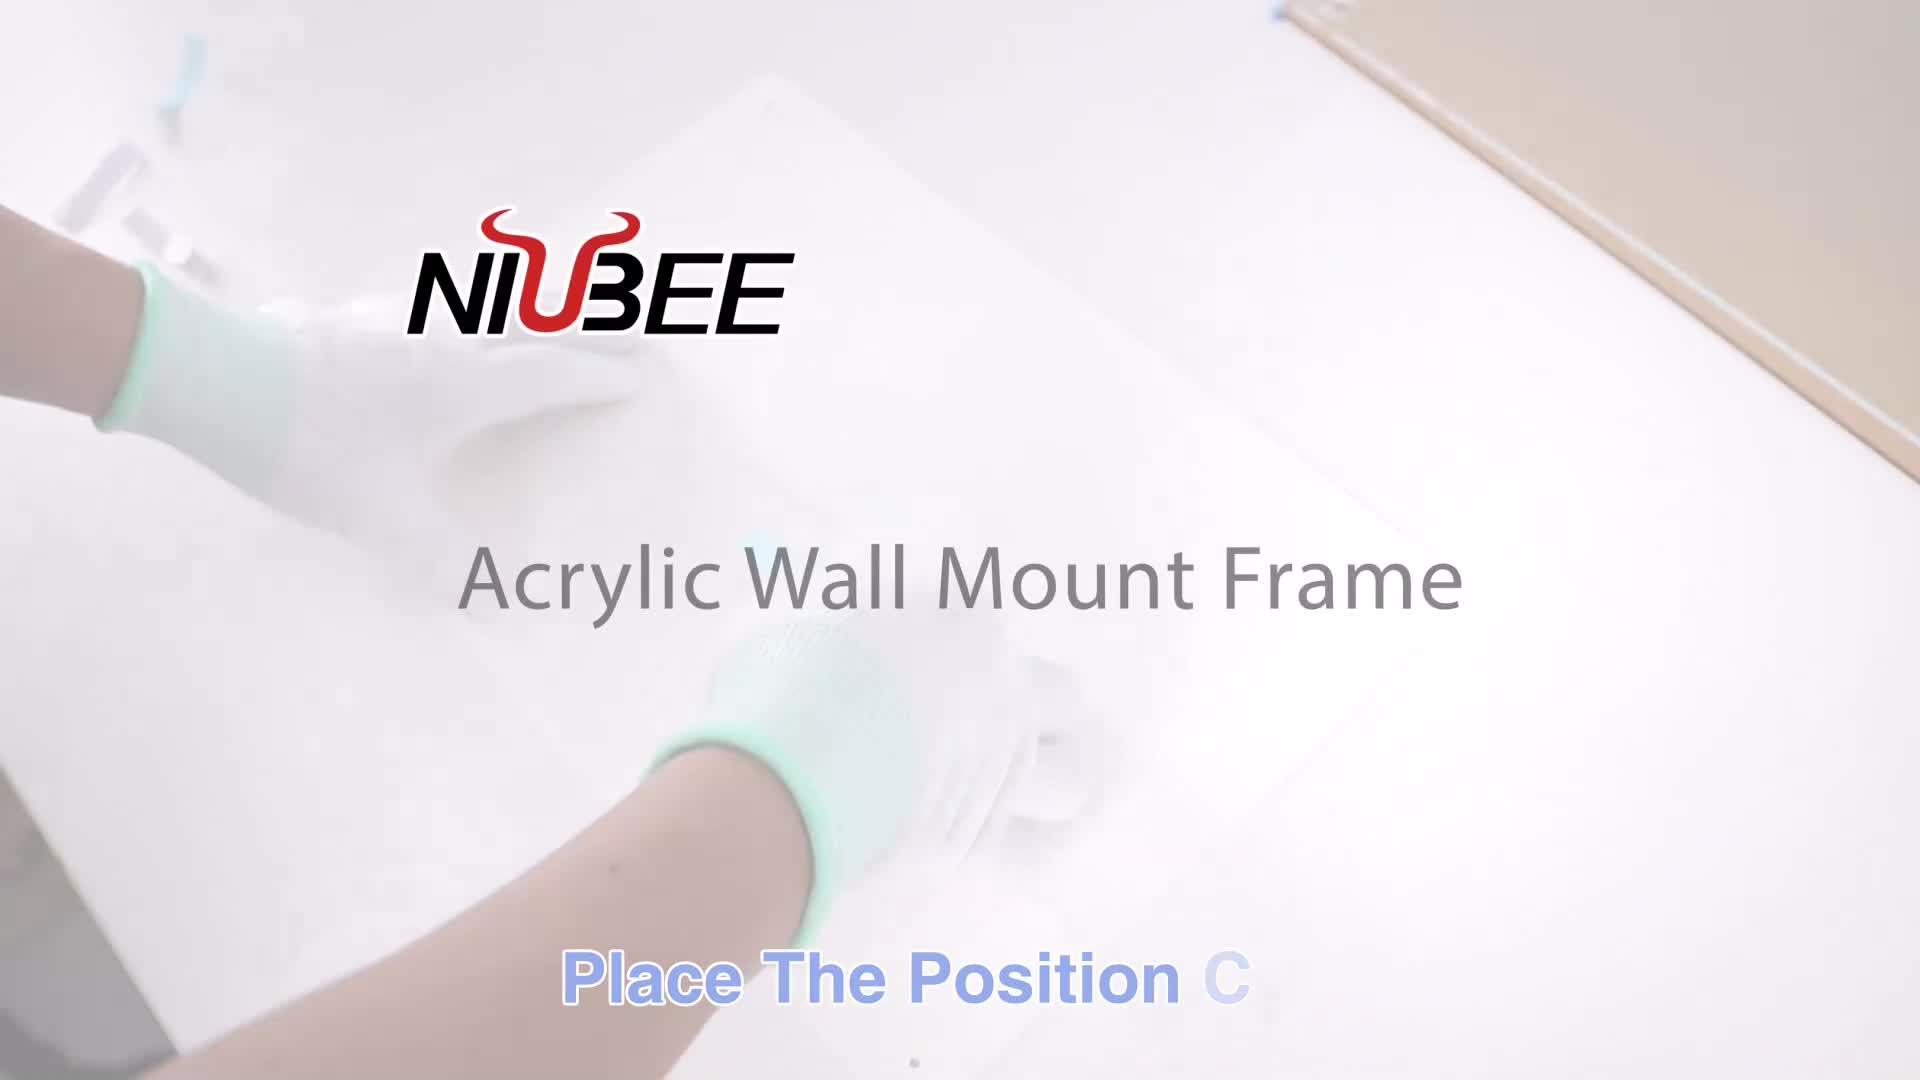 7x9 بوصة واضحة إطارات صور من الأكريليك بالجملة جدار جبل إطار الصورة العائمة